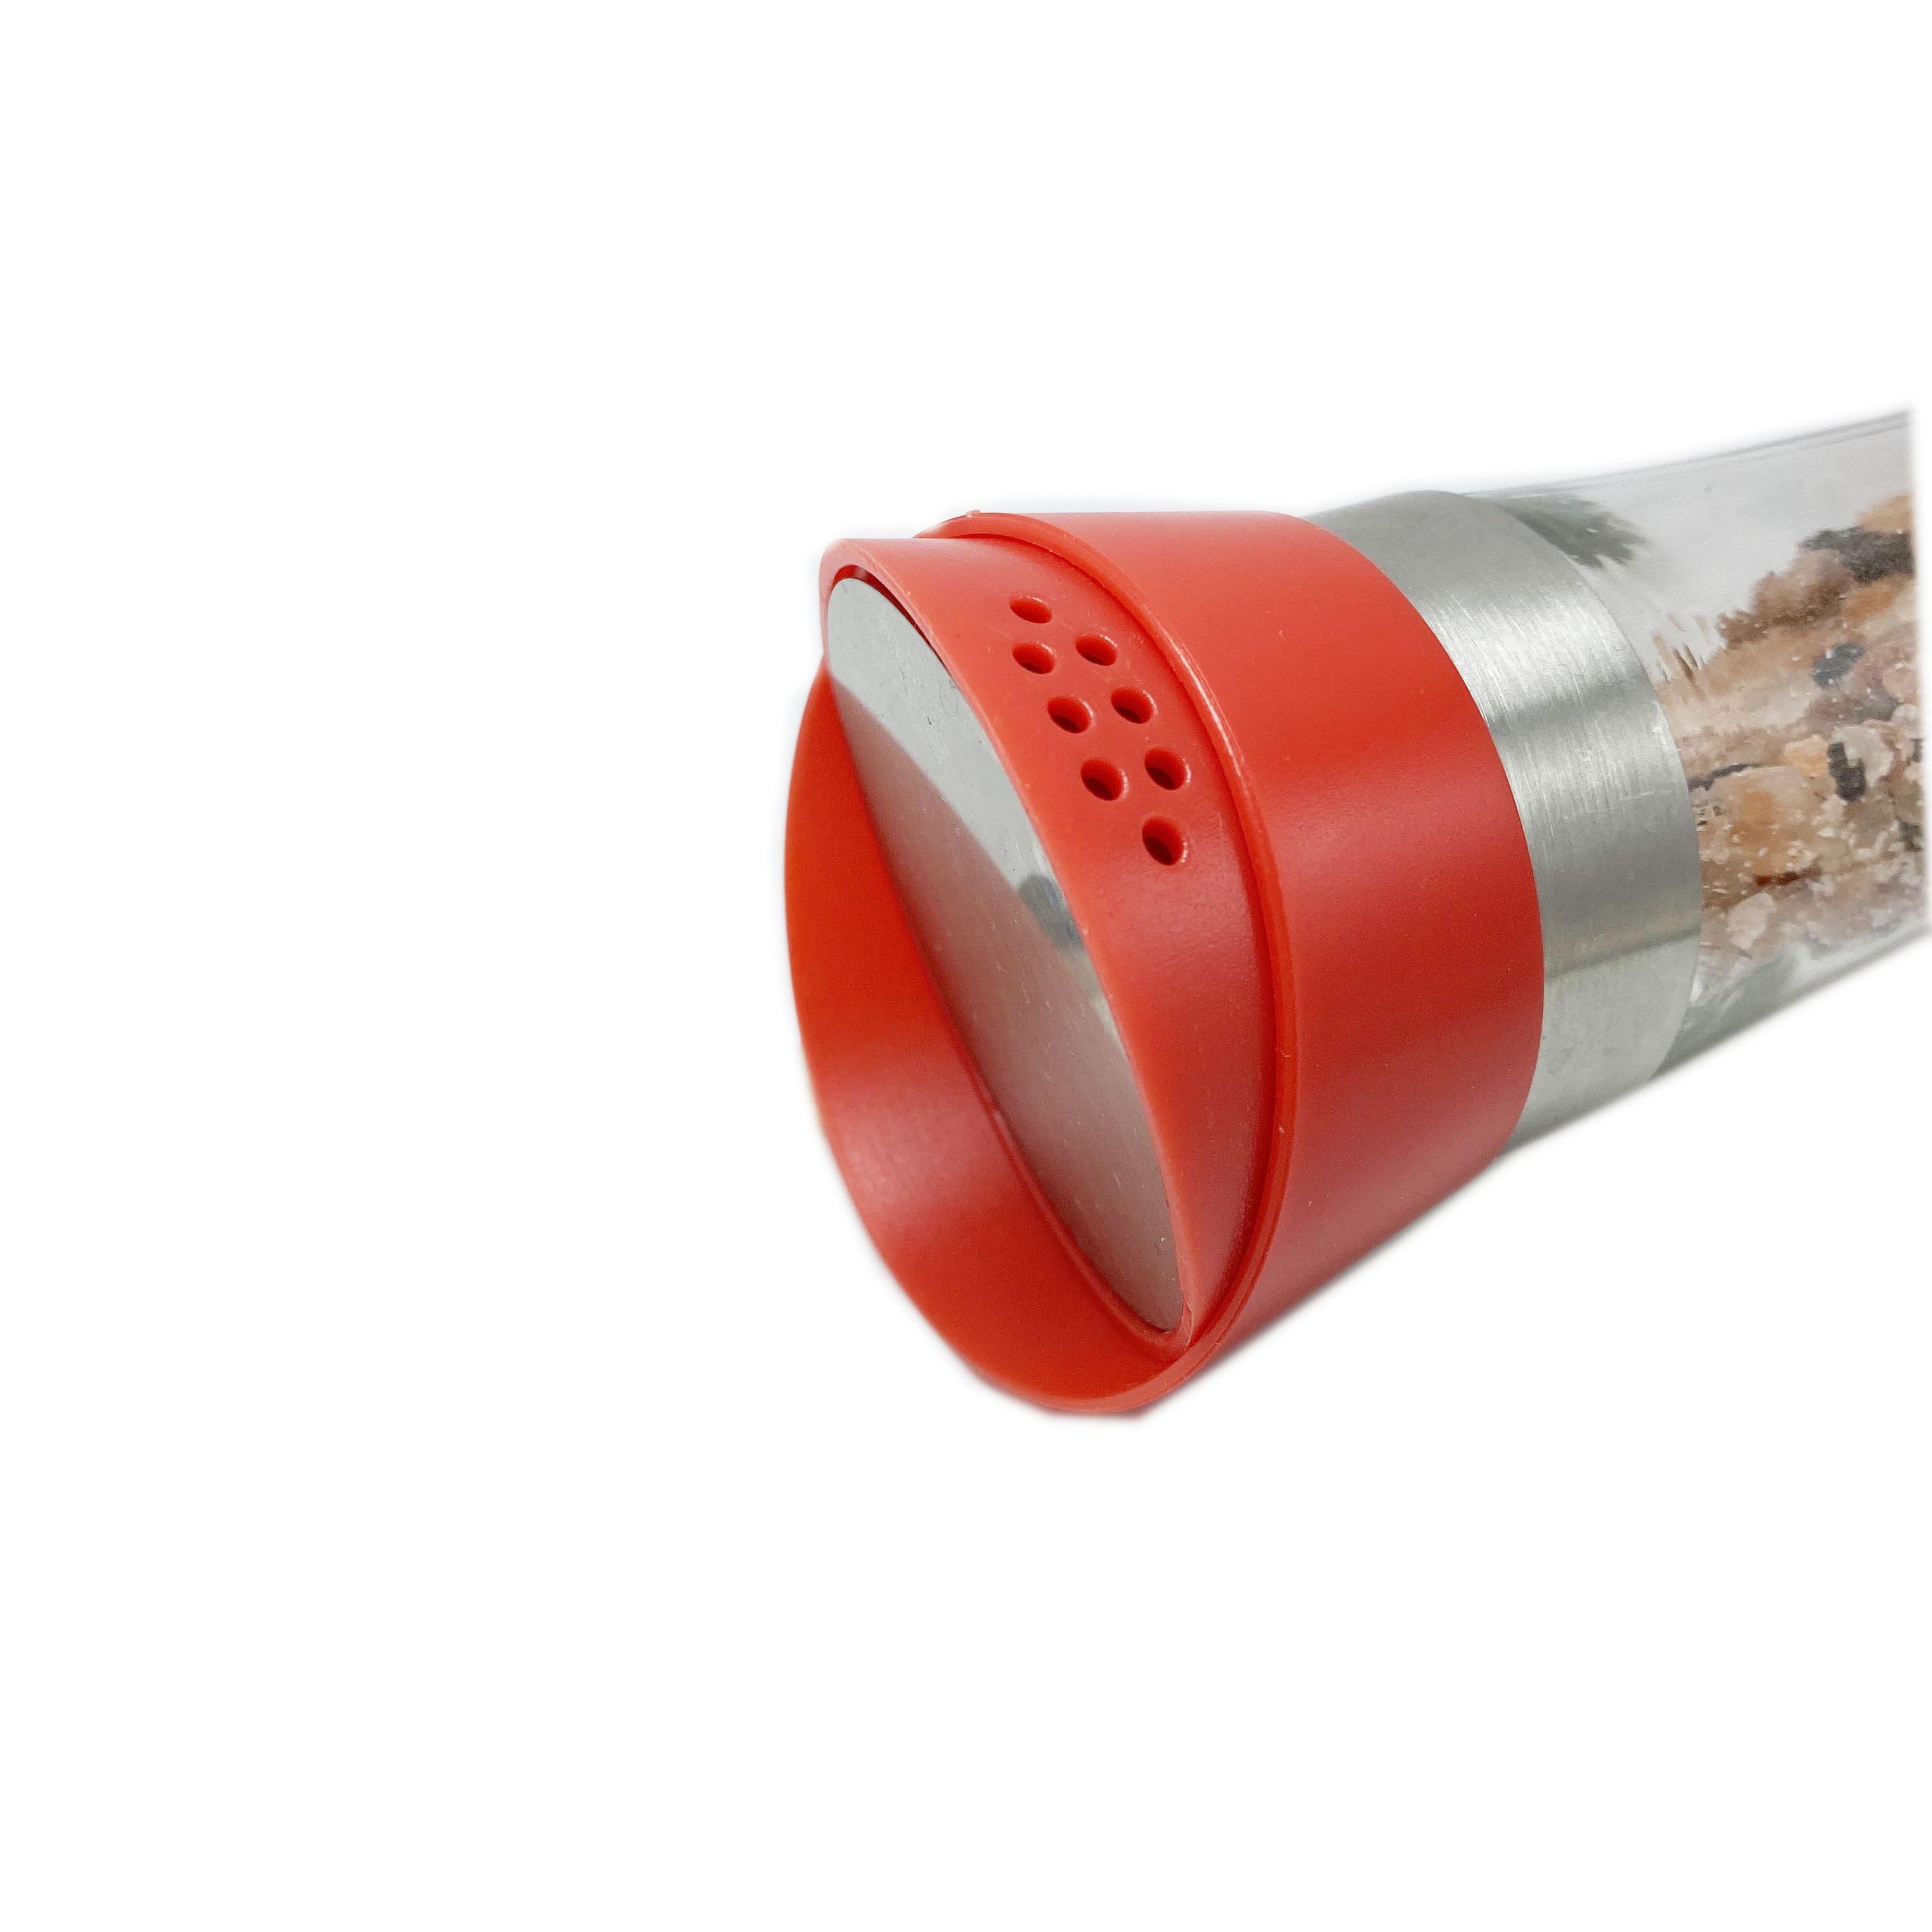 Шейкер для соли и перца без пыли, новый дизайн, шейкер, банки для специй, контейнер для соли 200 г, набор кастрюль для приправ